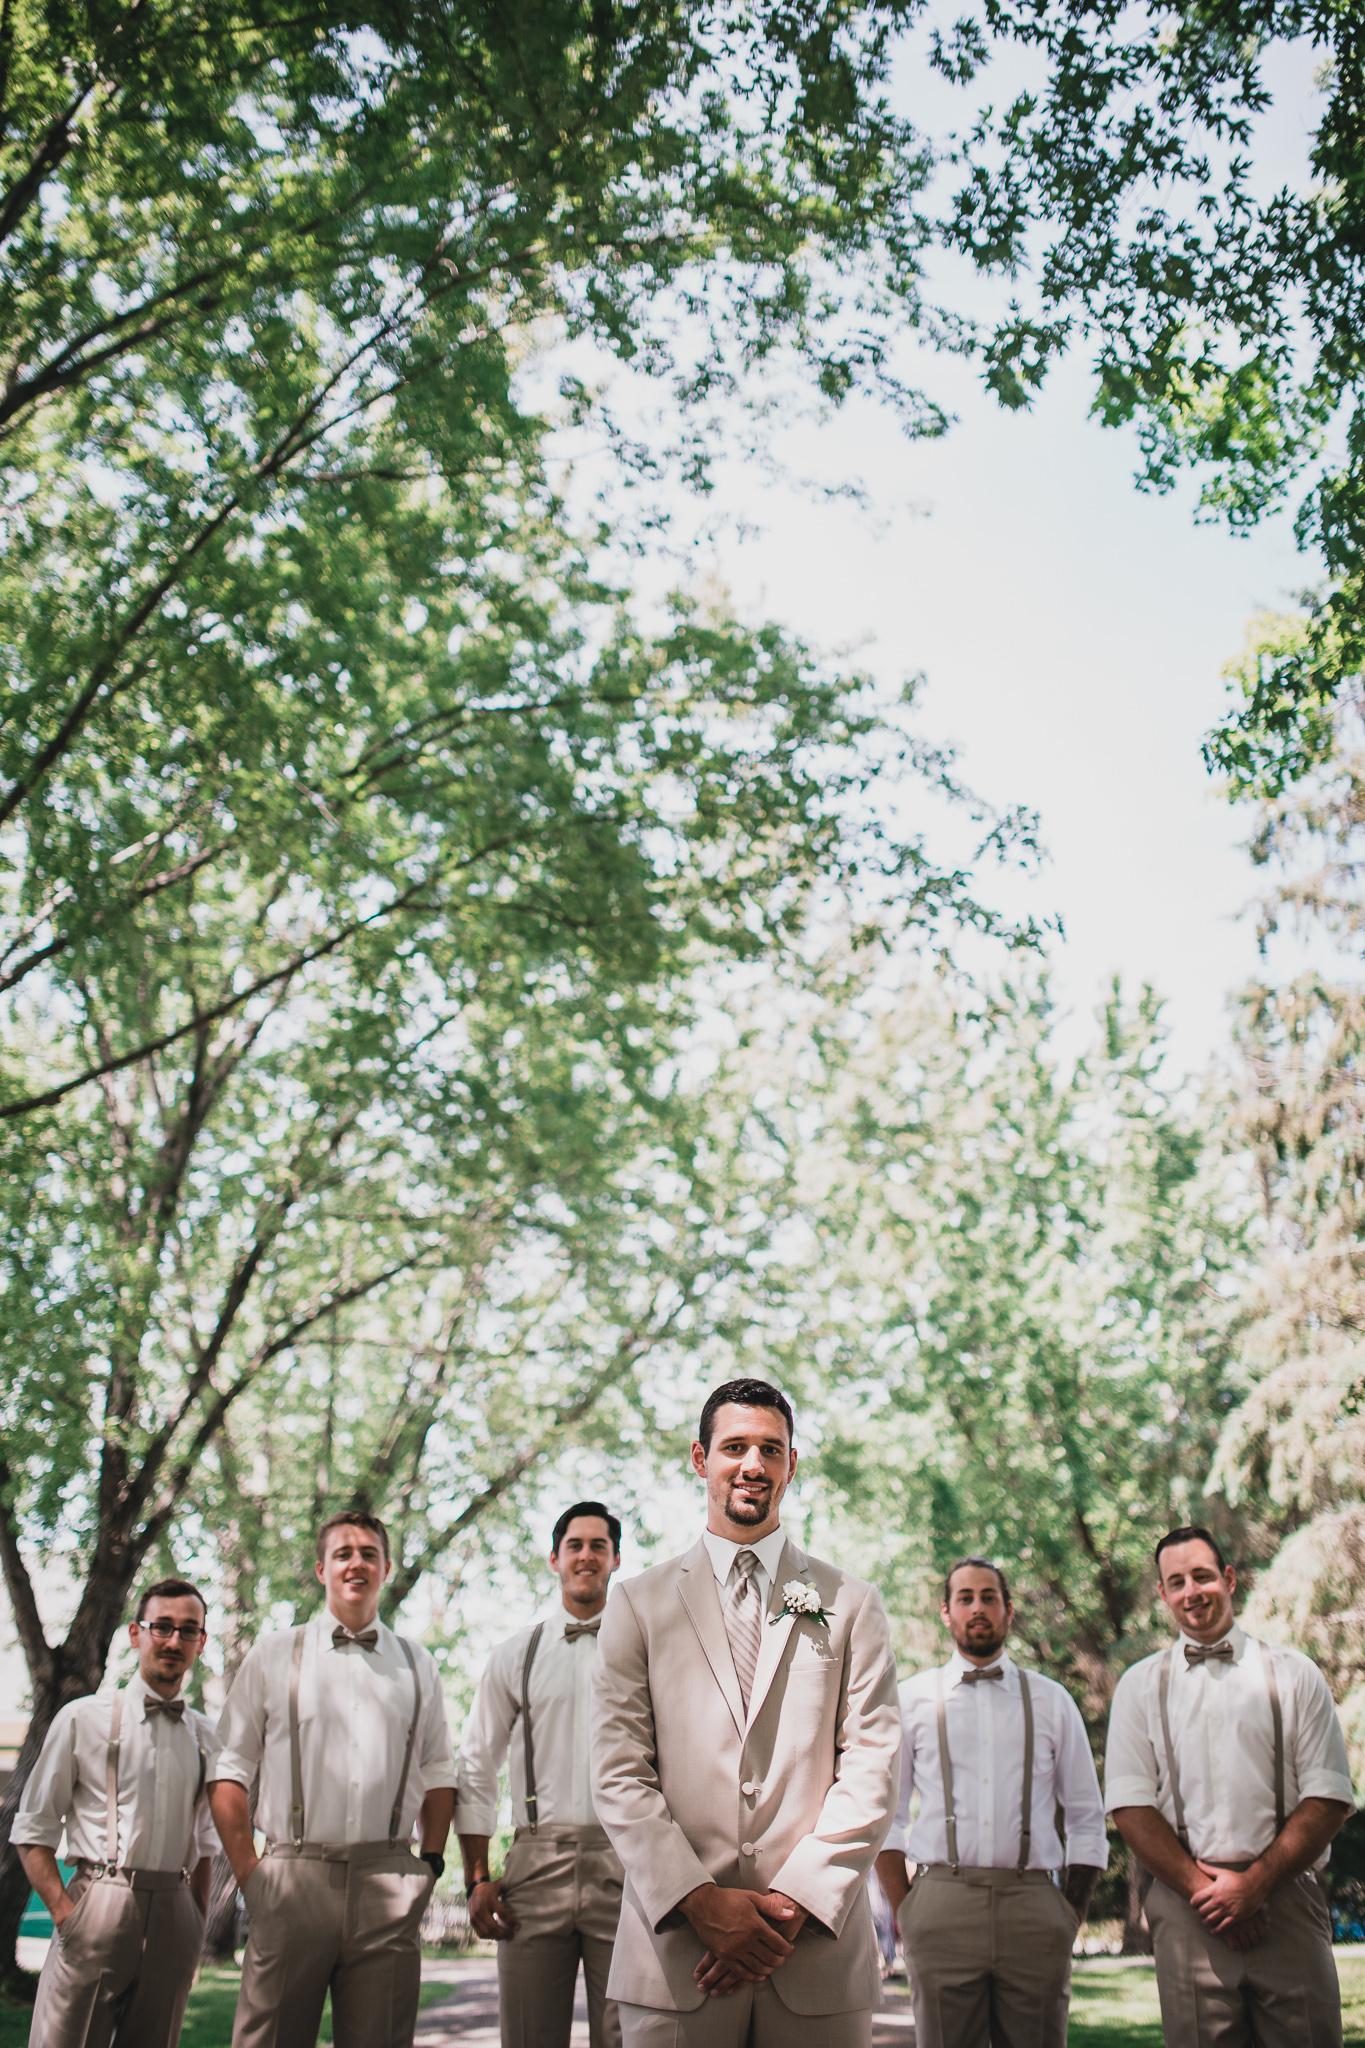 Ottawa outdoor wedding venues